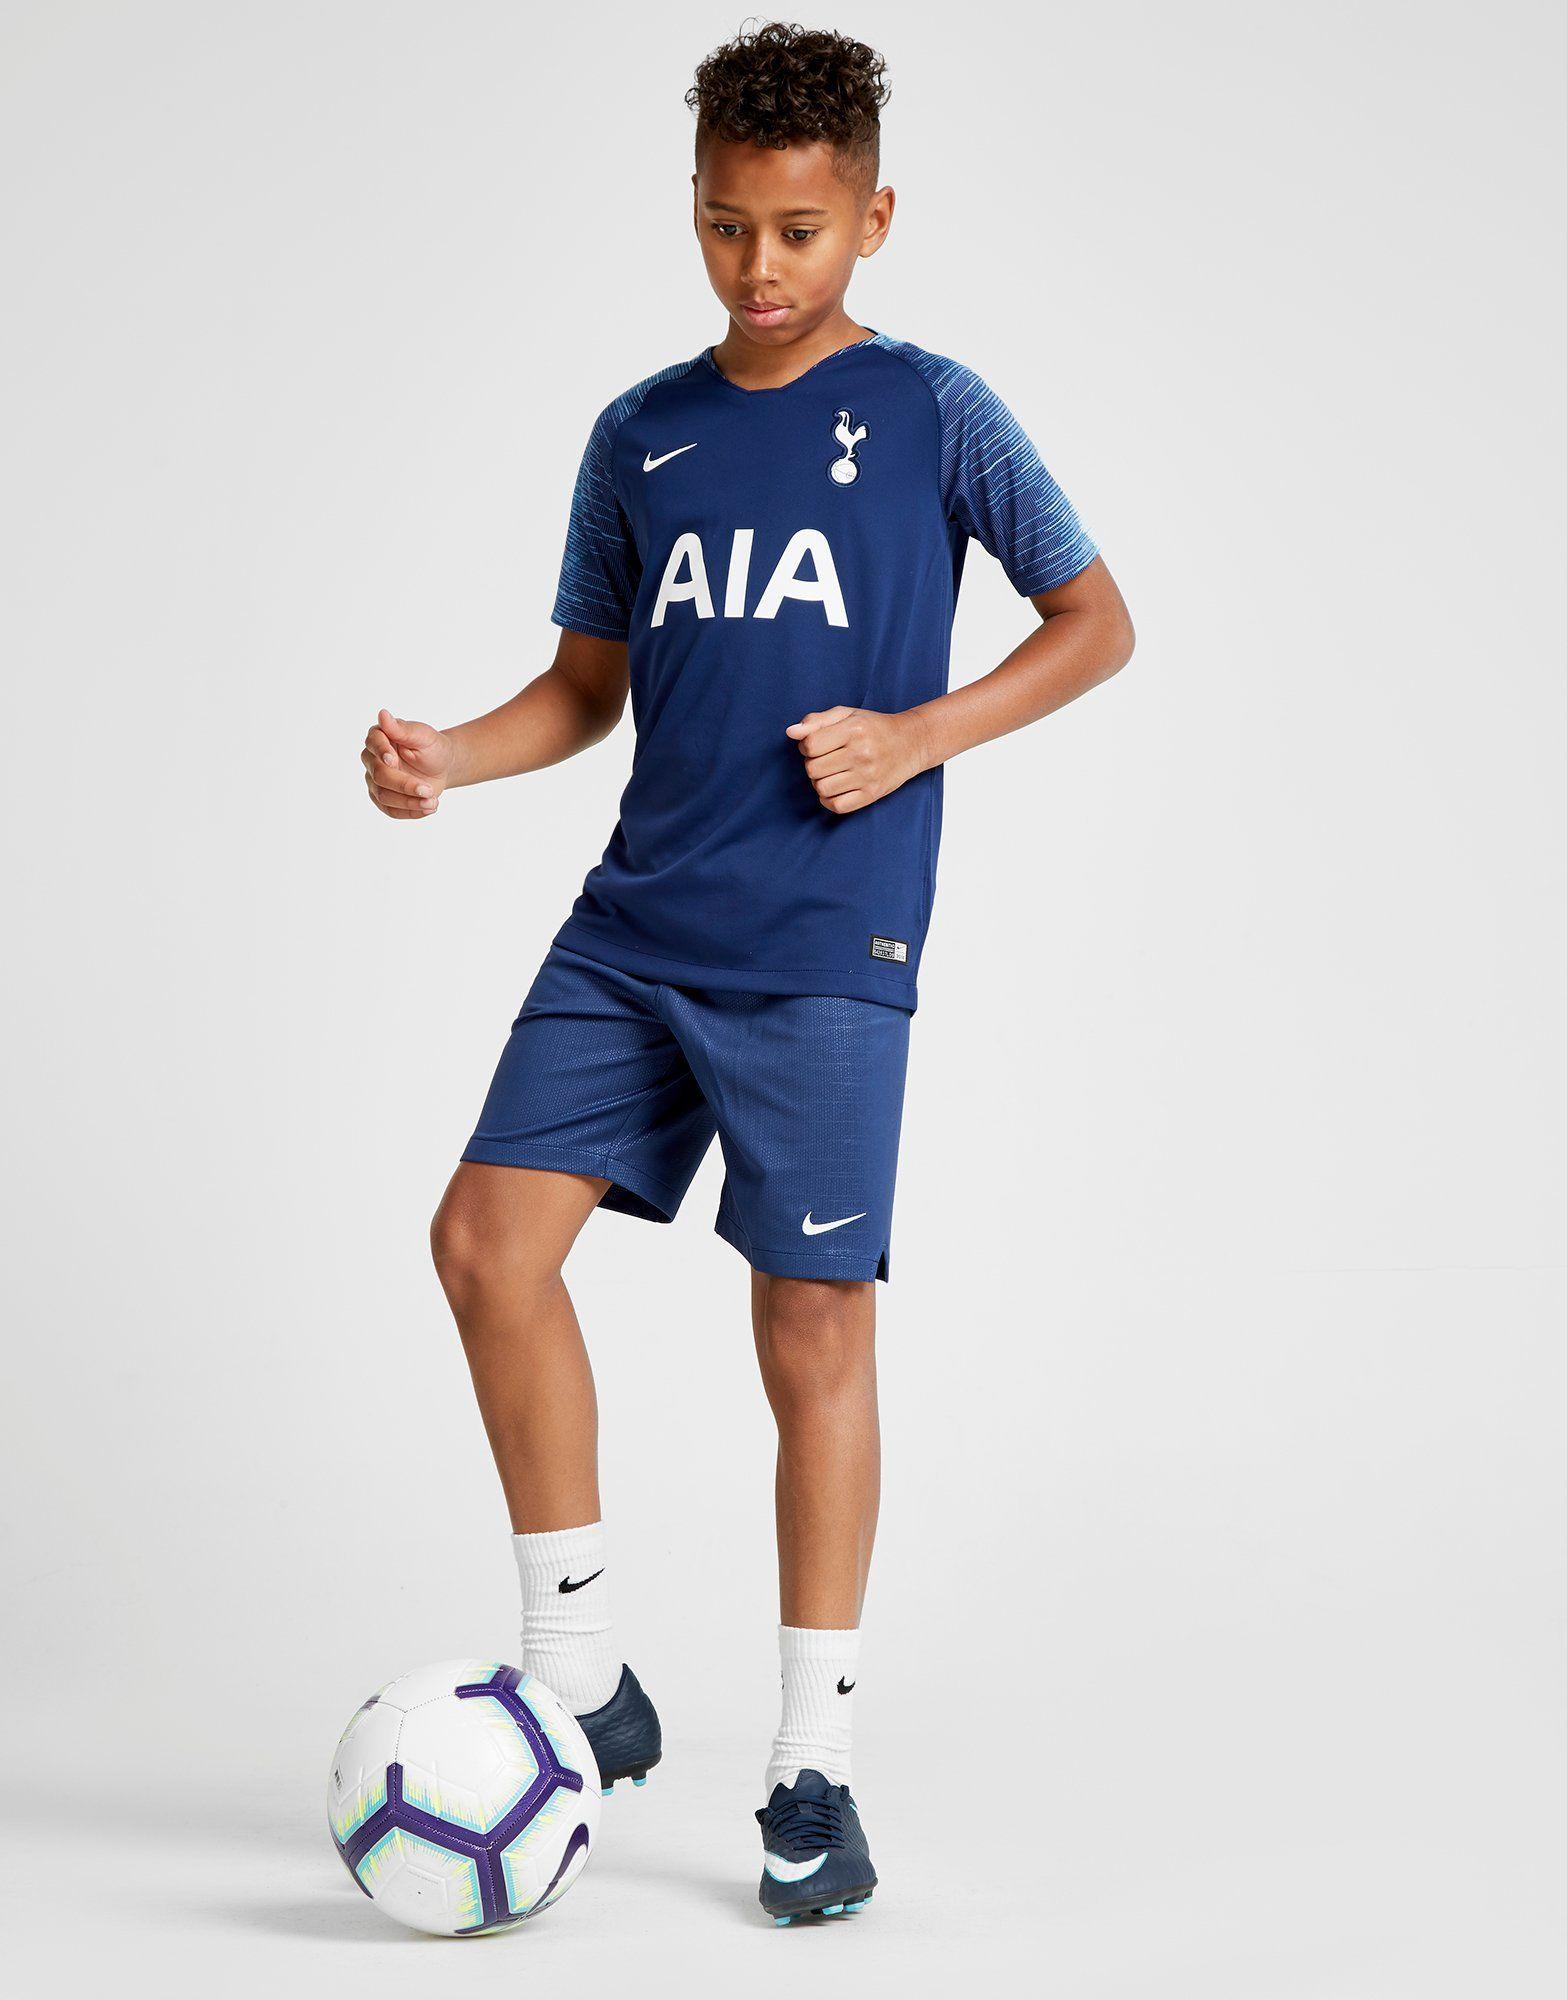 Nike Tottenham Hotspur FC 2018/19 Away Shirt Junior